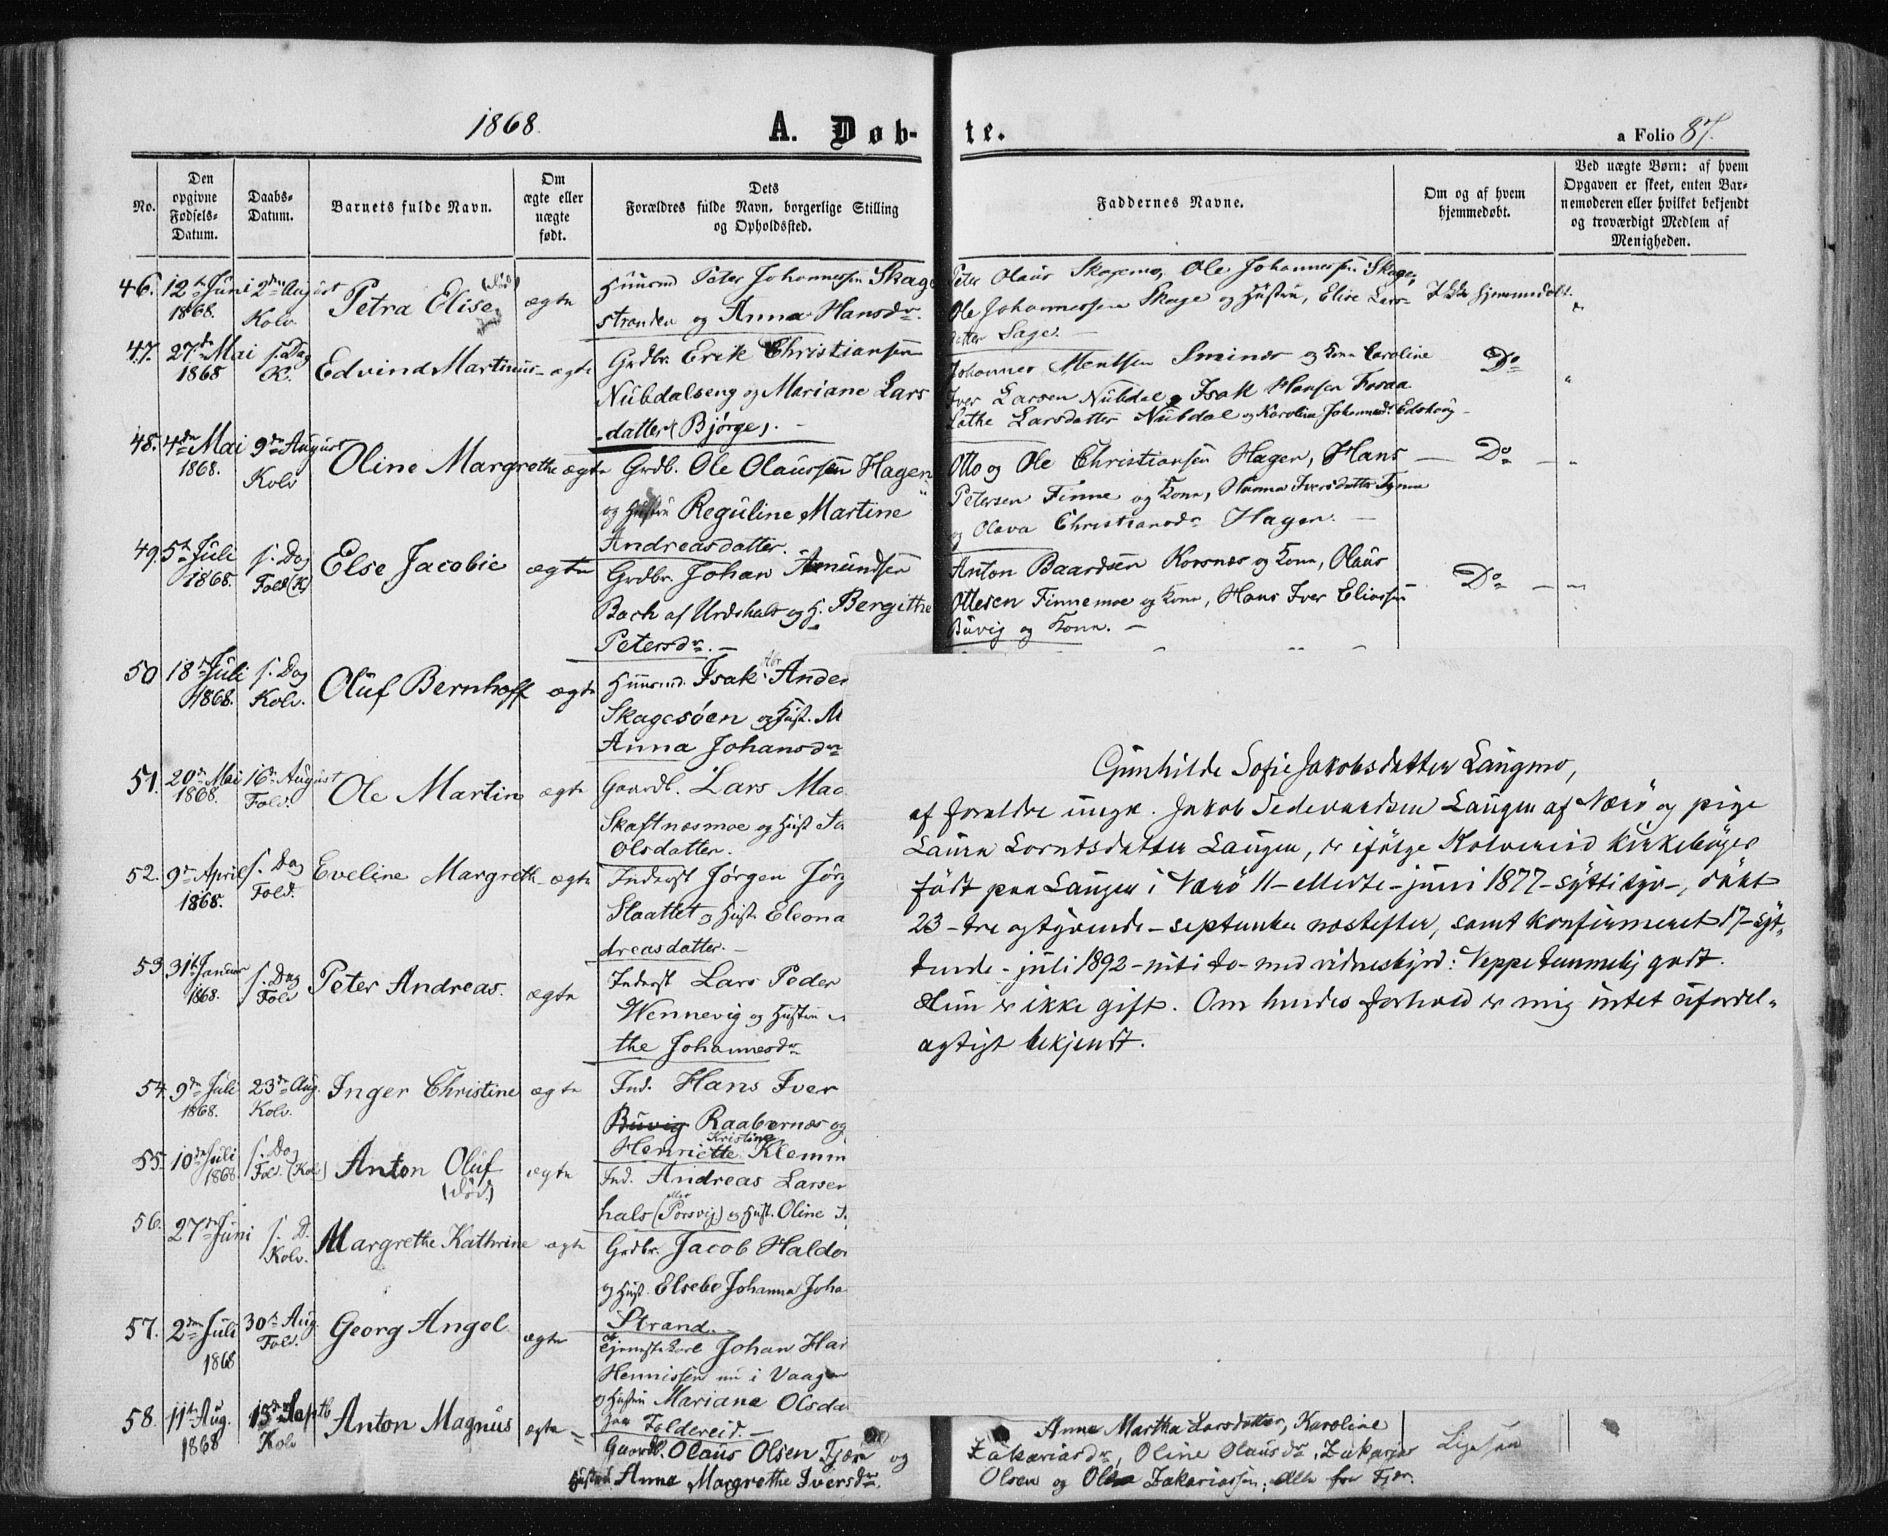 SAT, Ministerialprotokoller, klokkerbøker og fødselsregistre - Nord-Trøndelag, 780/L0641: Ministerialbok nr. 780A06, 1857-1874, s. 87